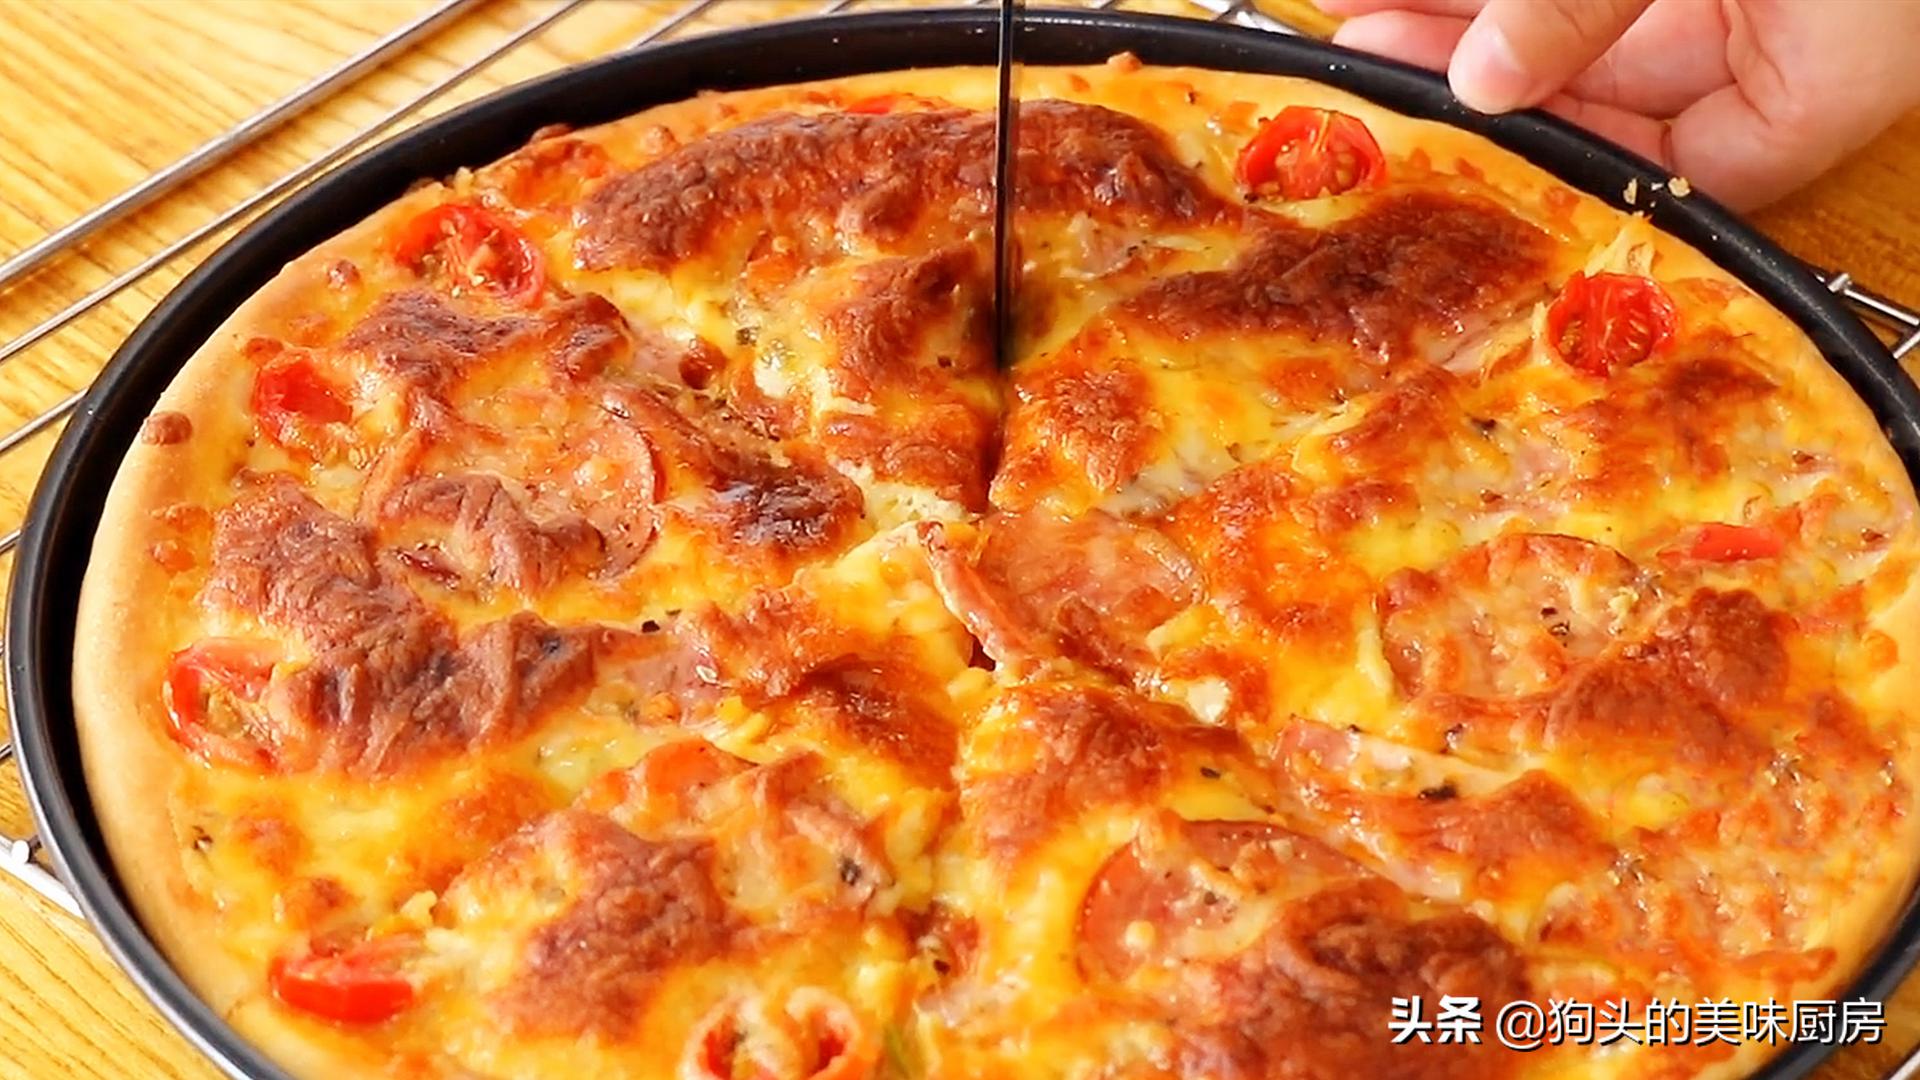 手把手教你在家做披萨,简单易学,绵软可口还拉丝,比买的还好吃 美食做法 第21张